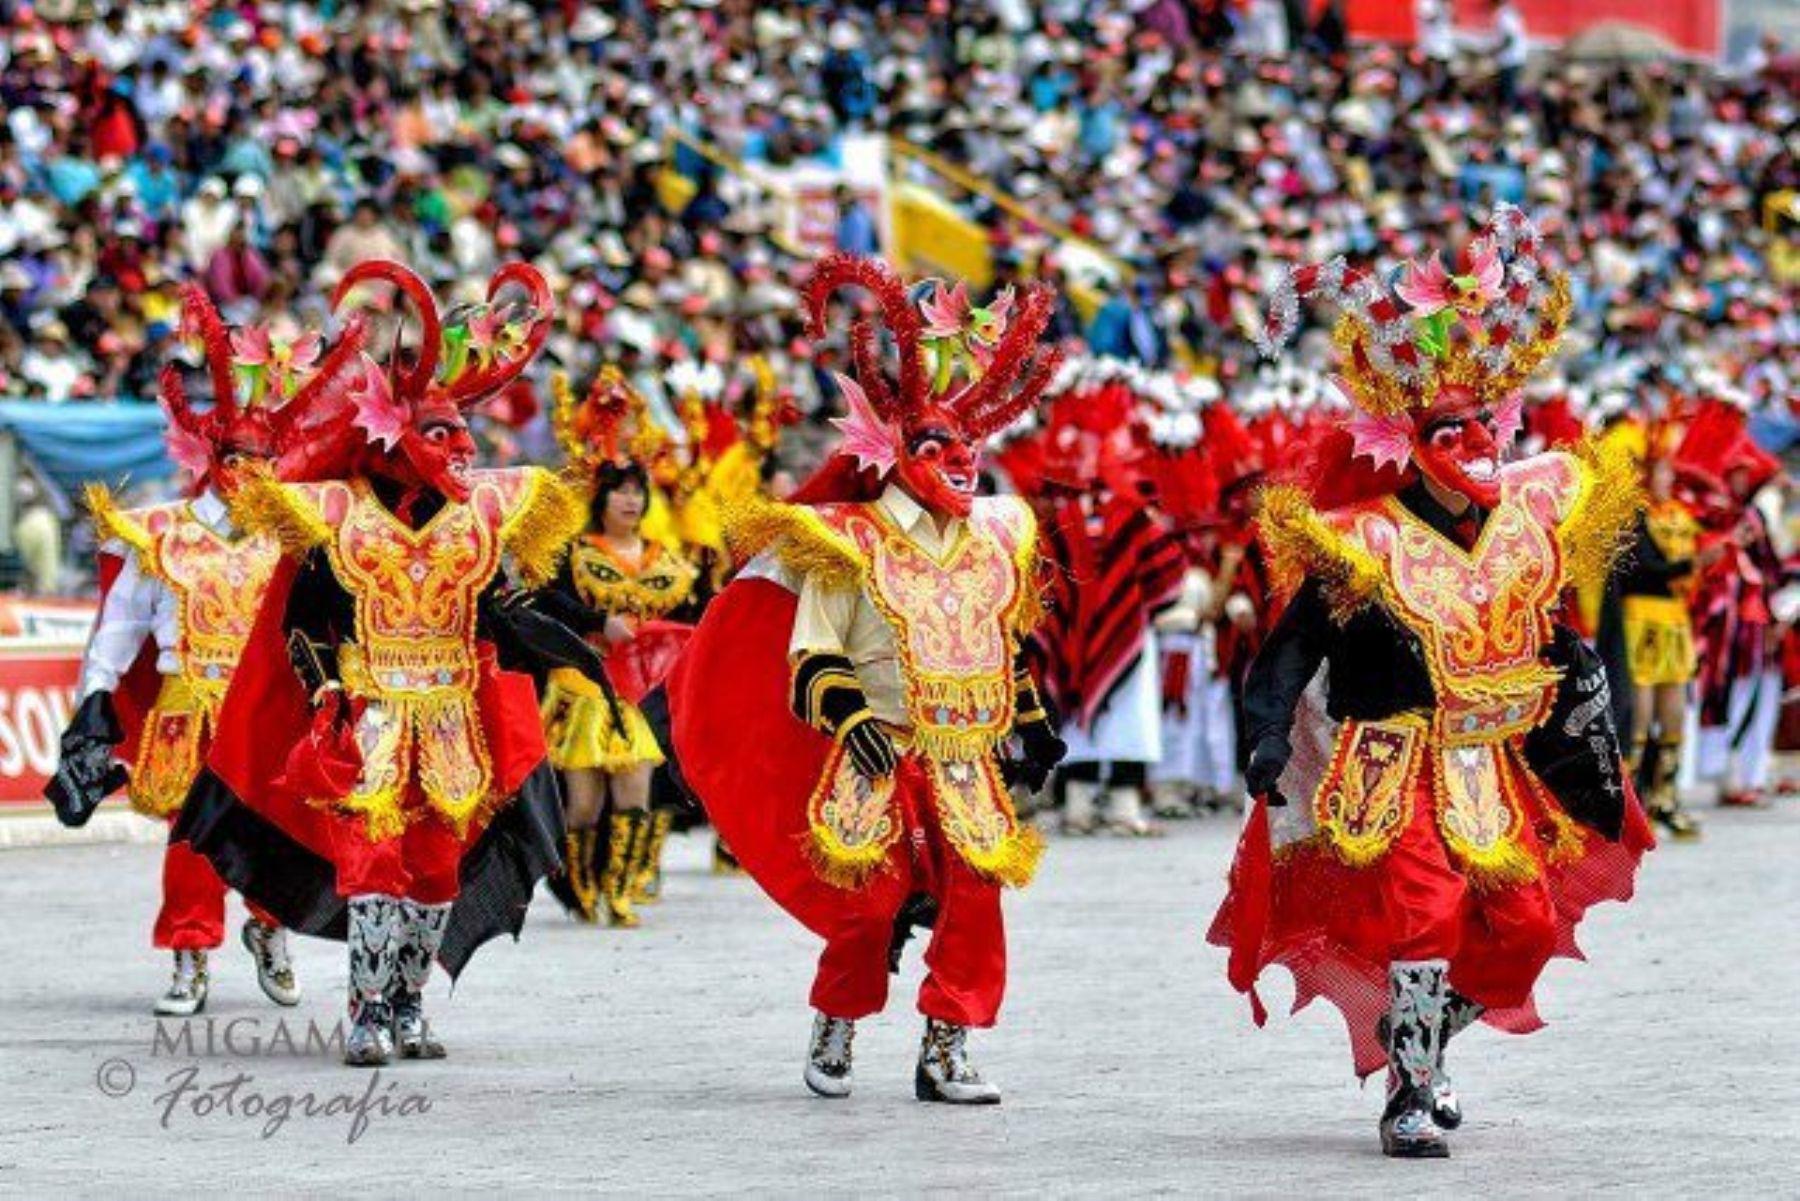 La diablada se practica en el altiplano peruano.